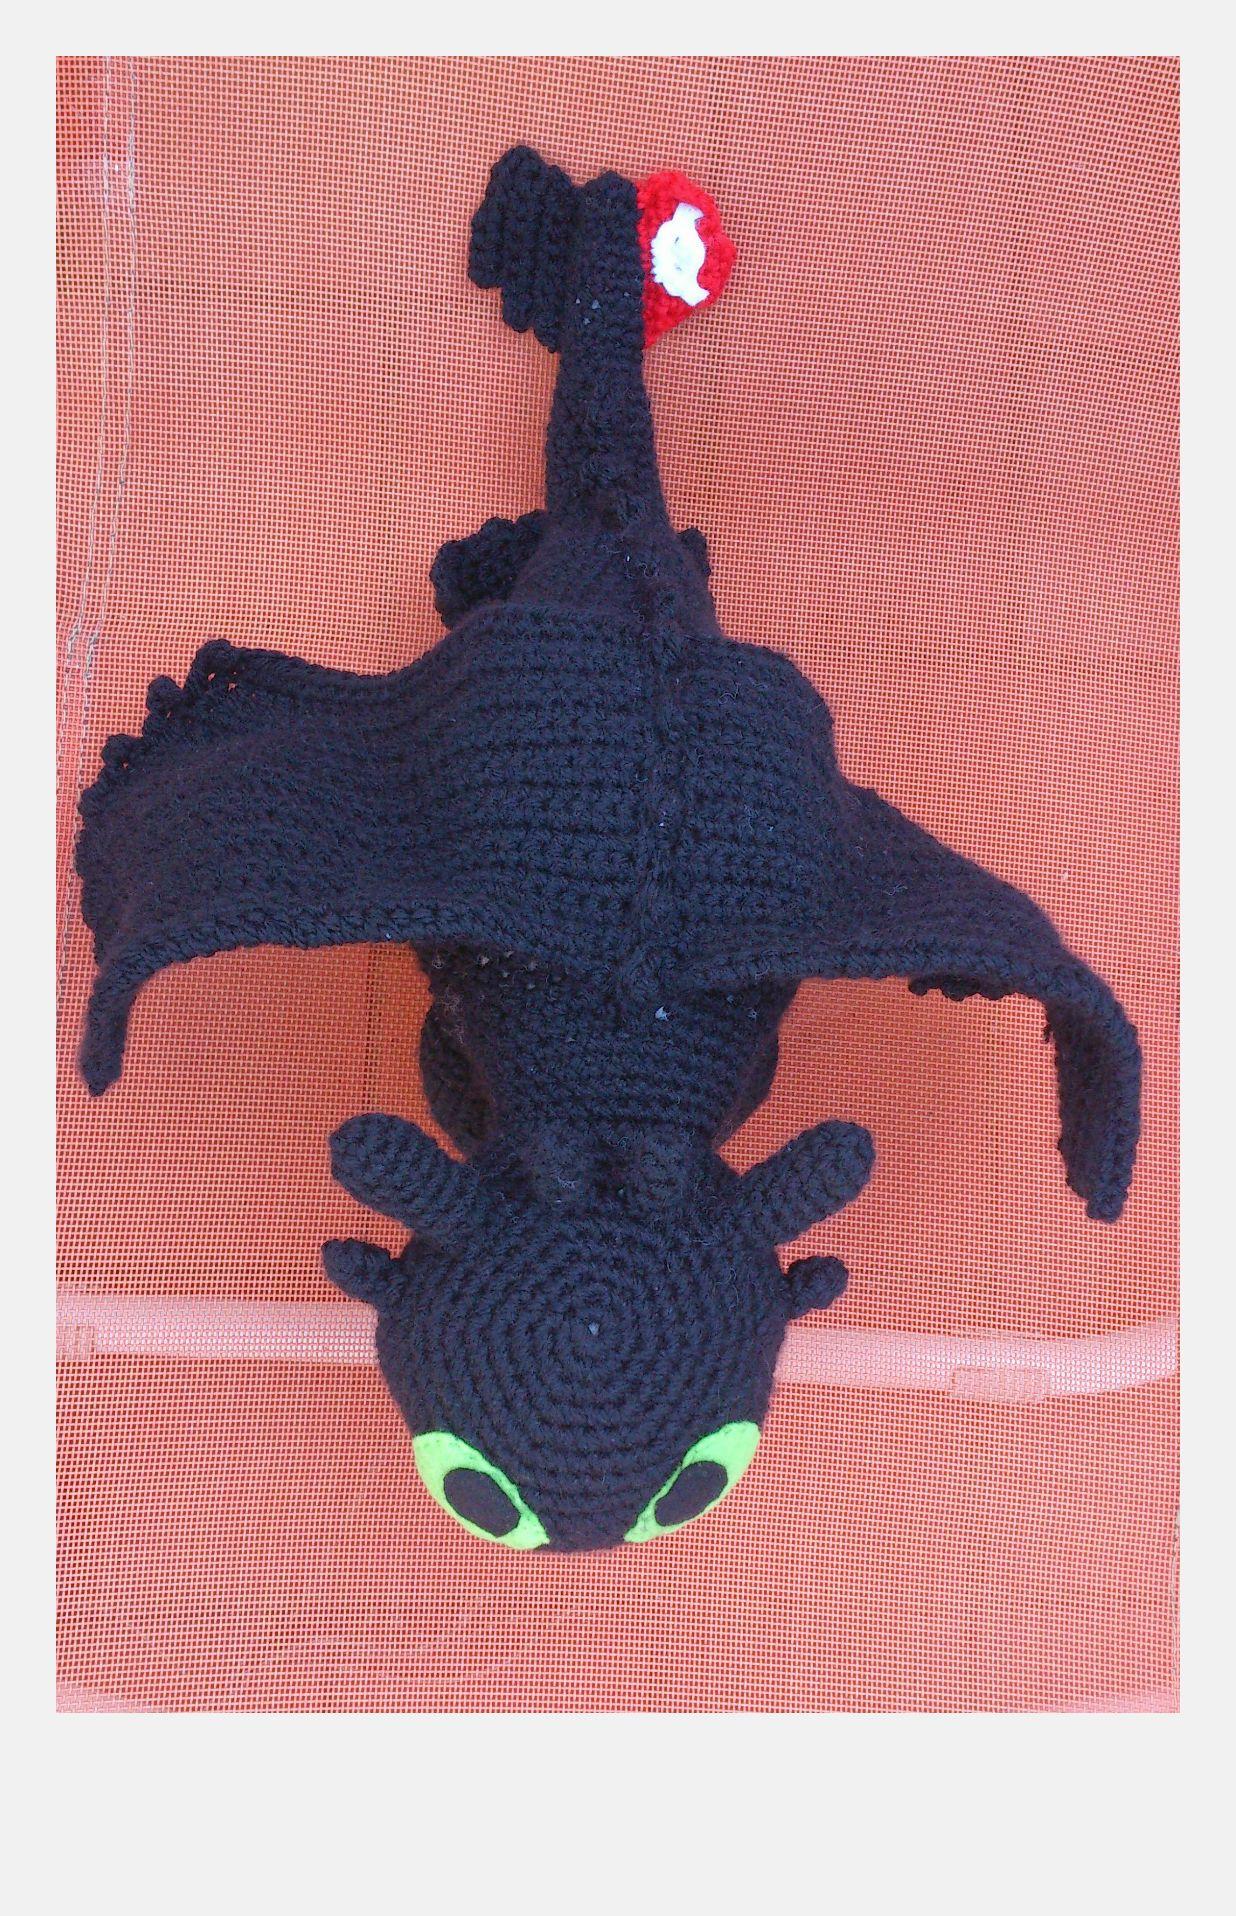 Excelente Crochet Patrón De Remojo Lana Fotos - Manta de Tejer ...